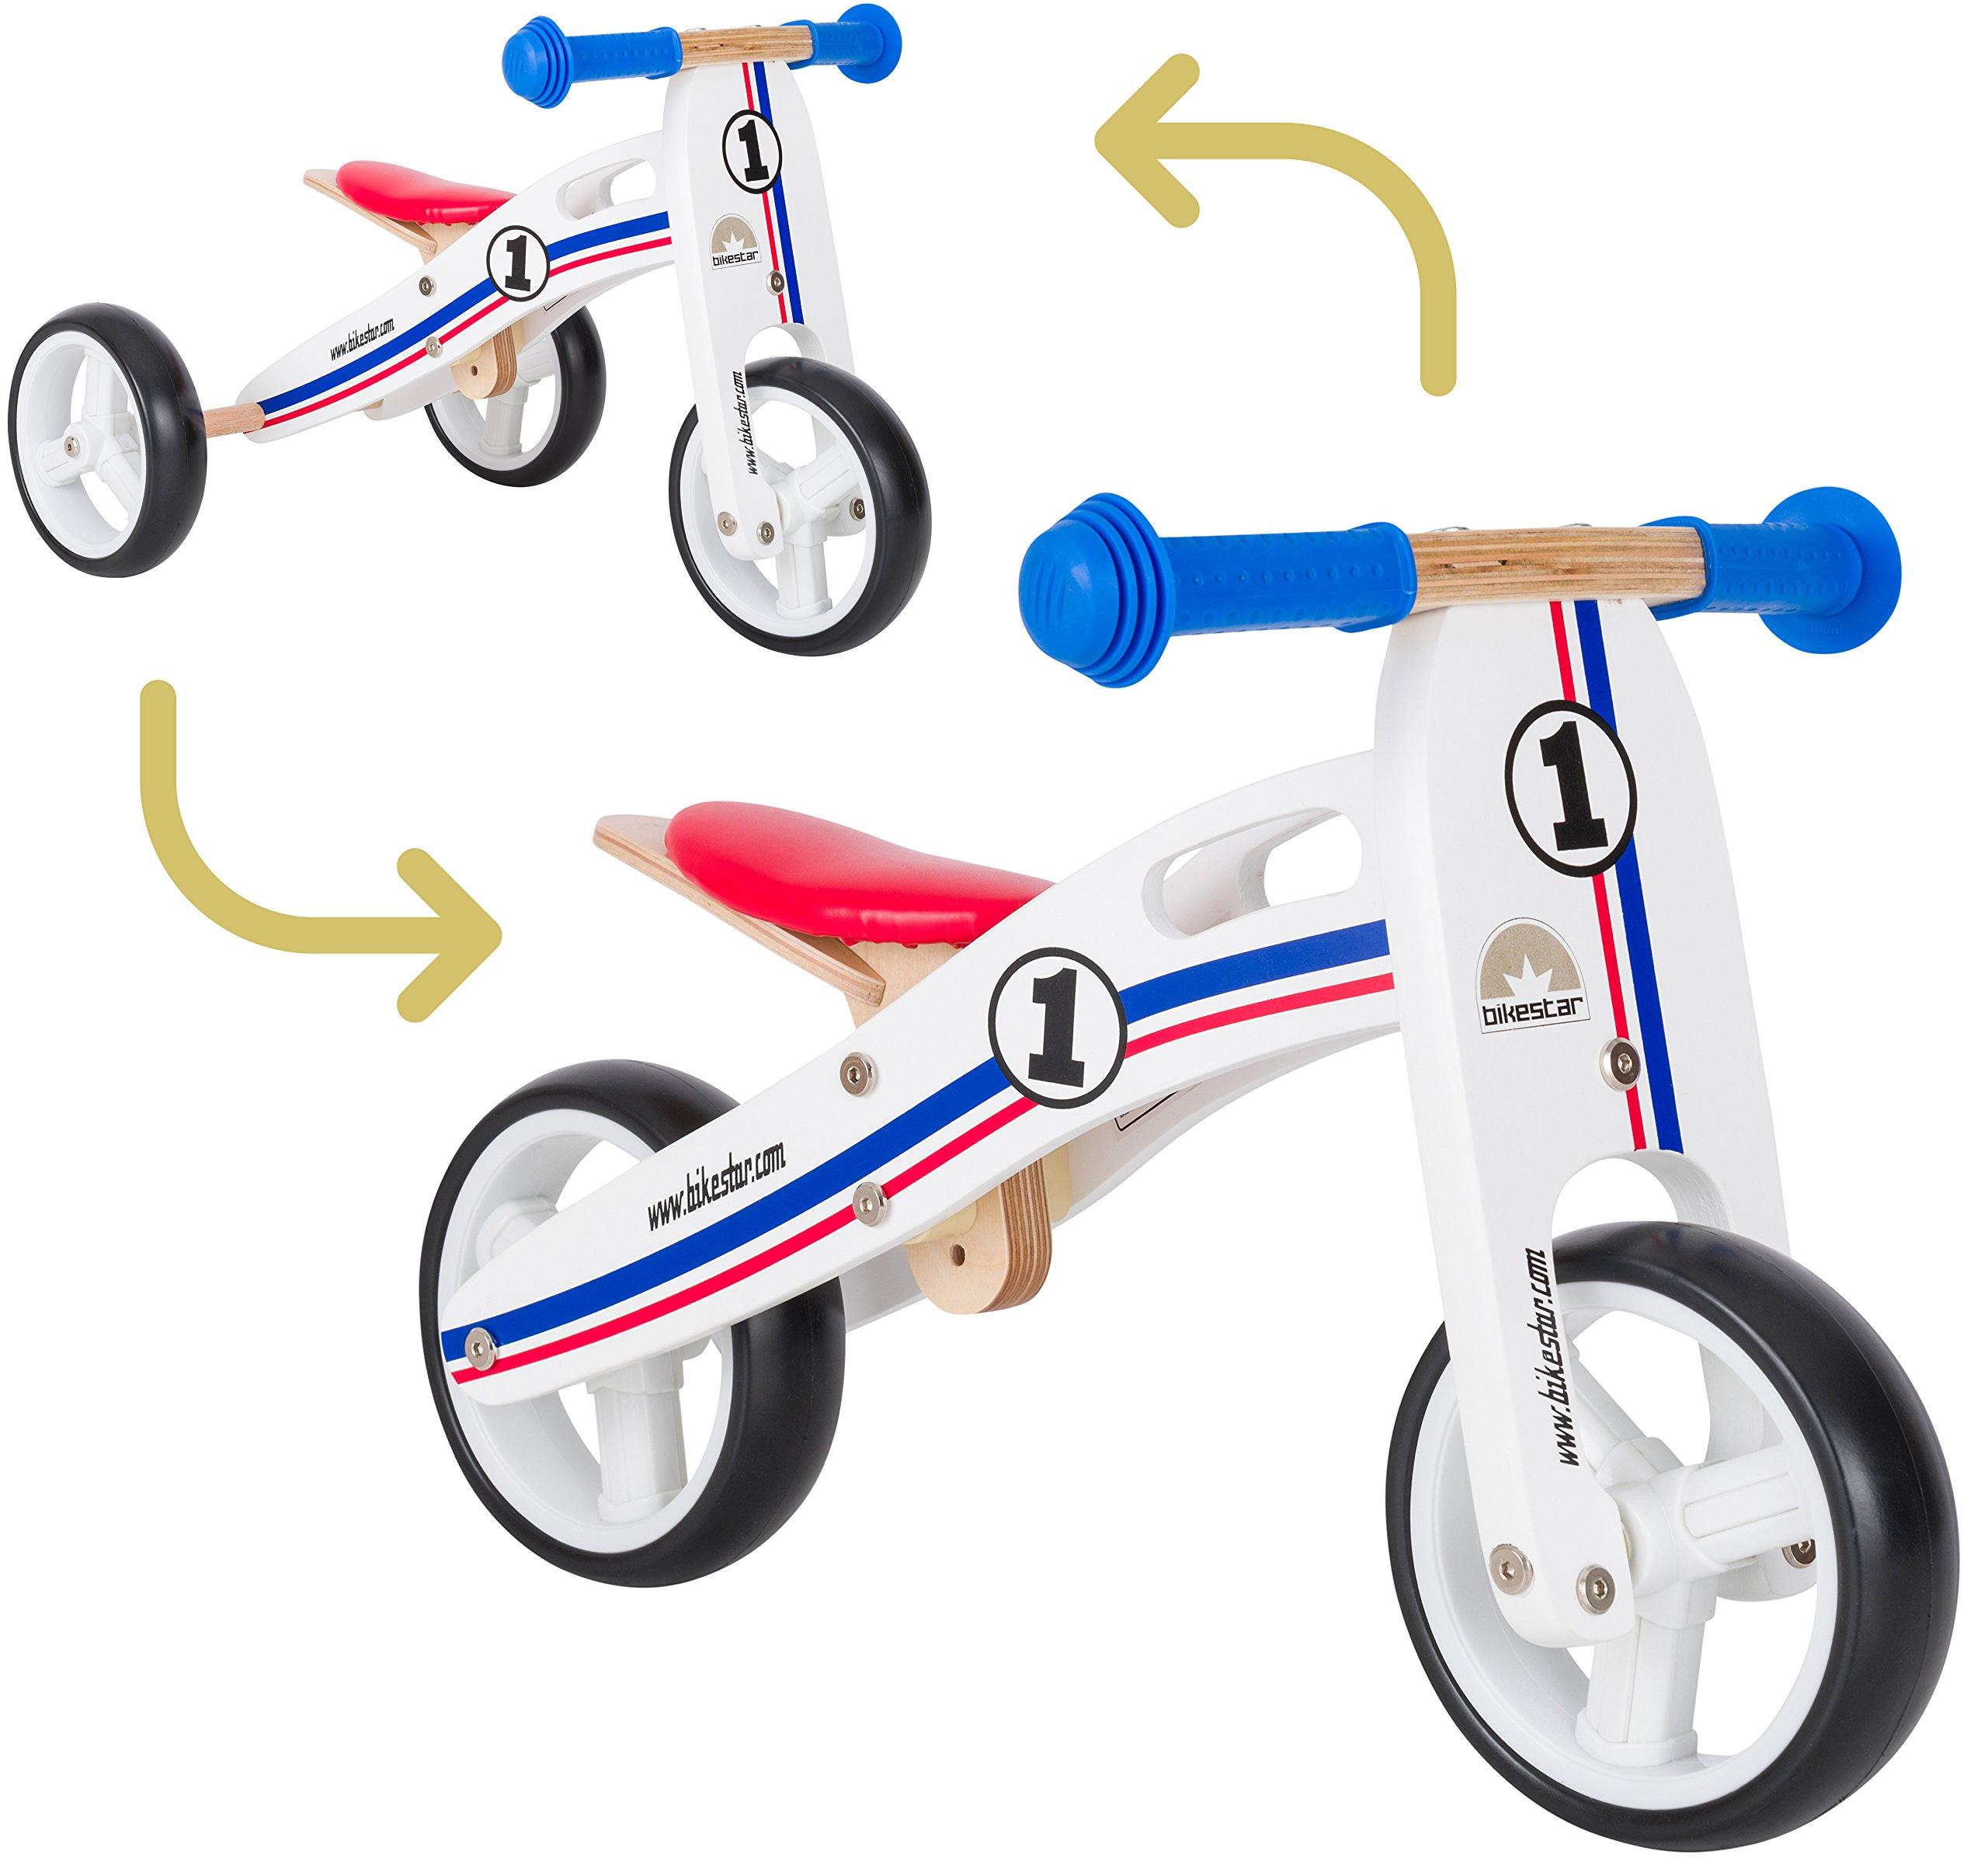 Bikestar Bicicletta Senza Pedali E Triciclo 2 In 1 In Legno Per Bambino Et Bambina Da 18 Mesi Bici Senza Pedali Bambini 7 Pollici Giochi